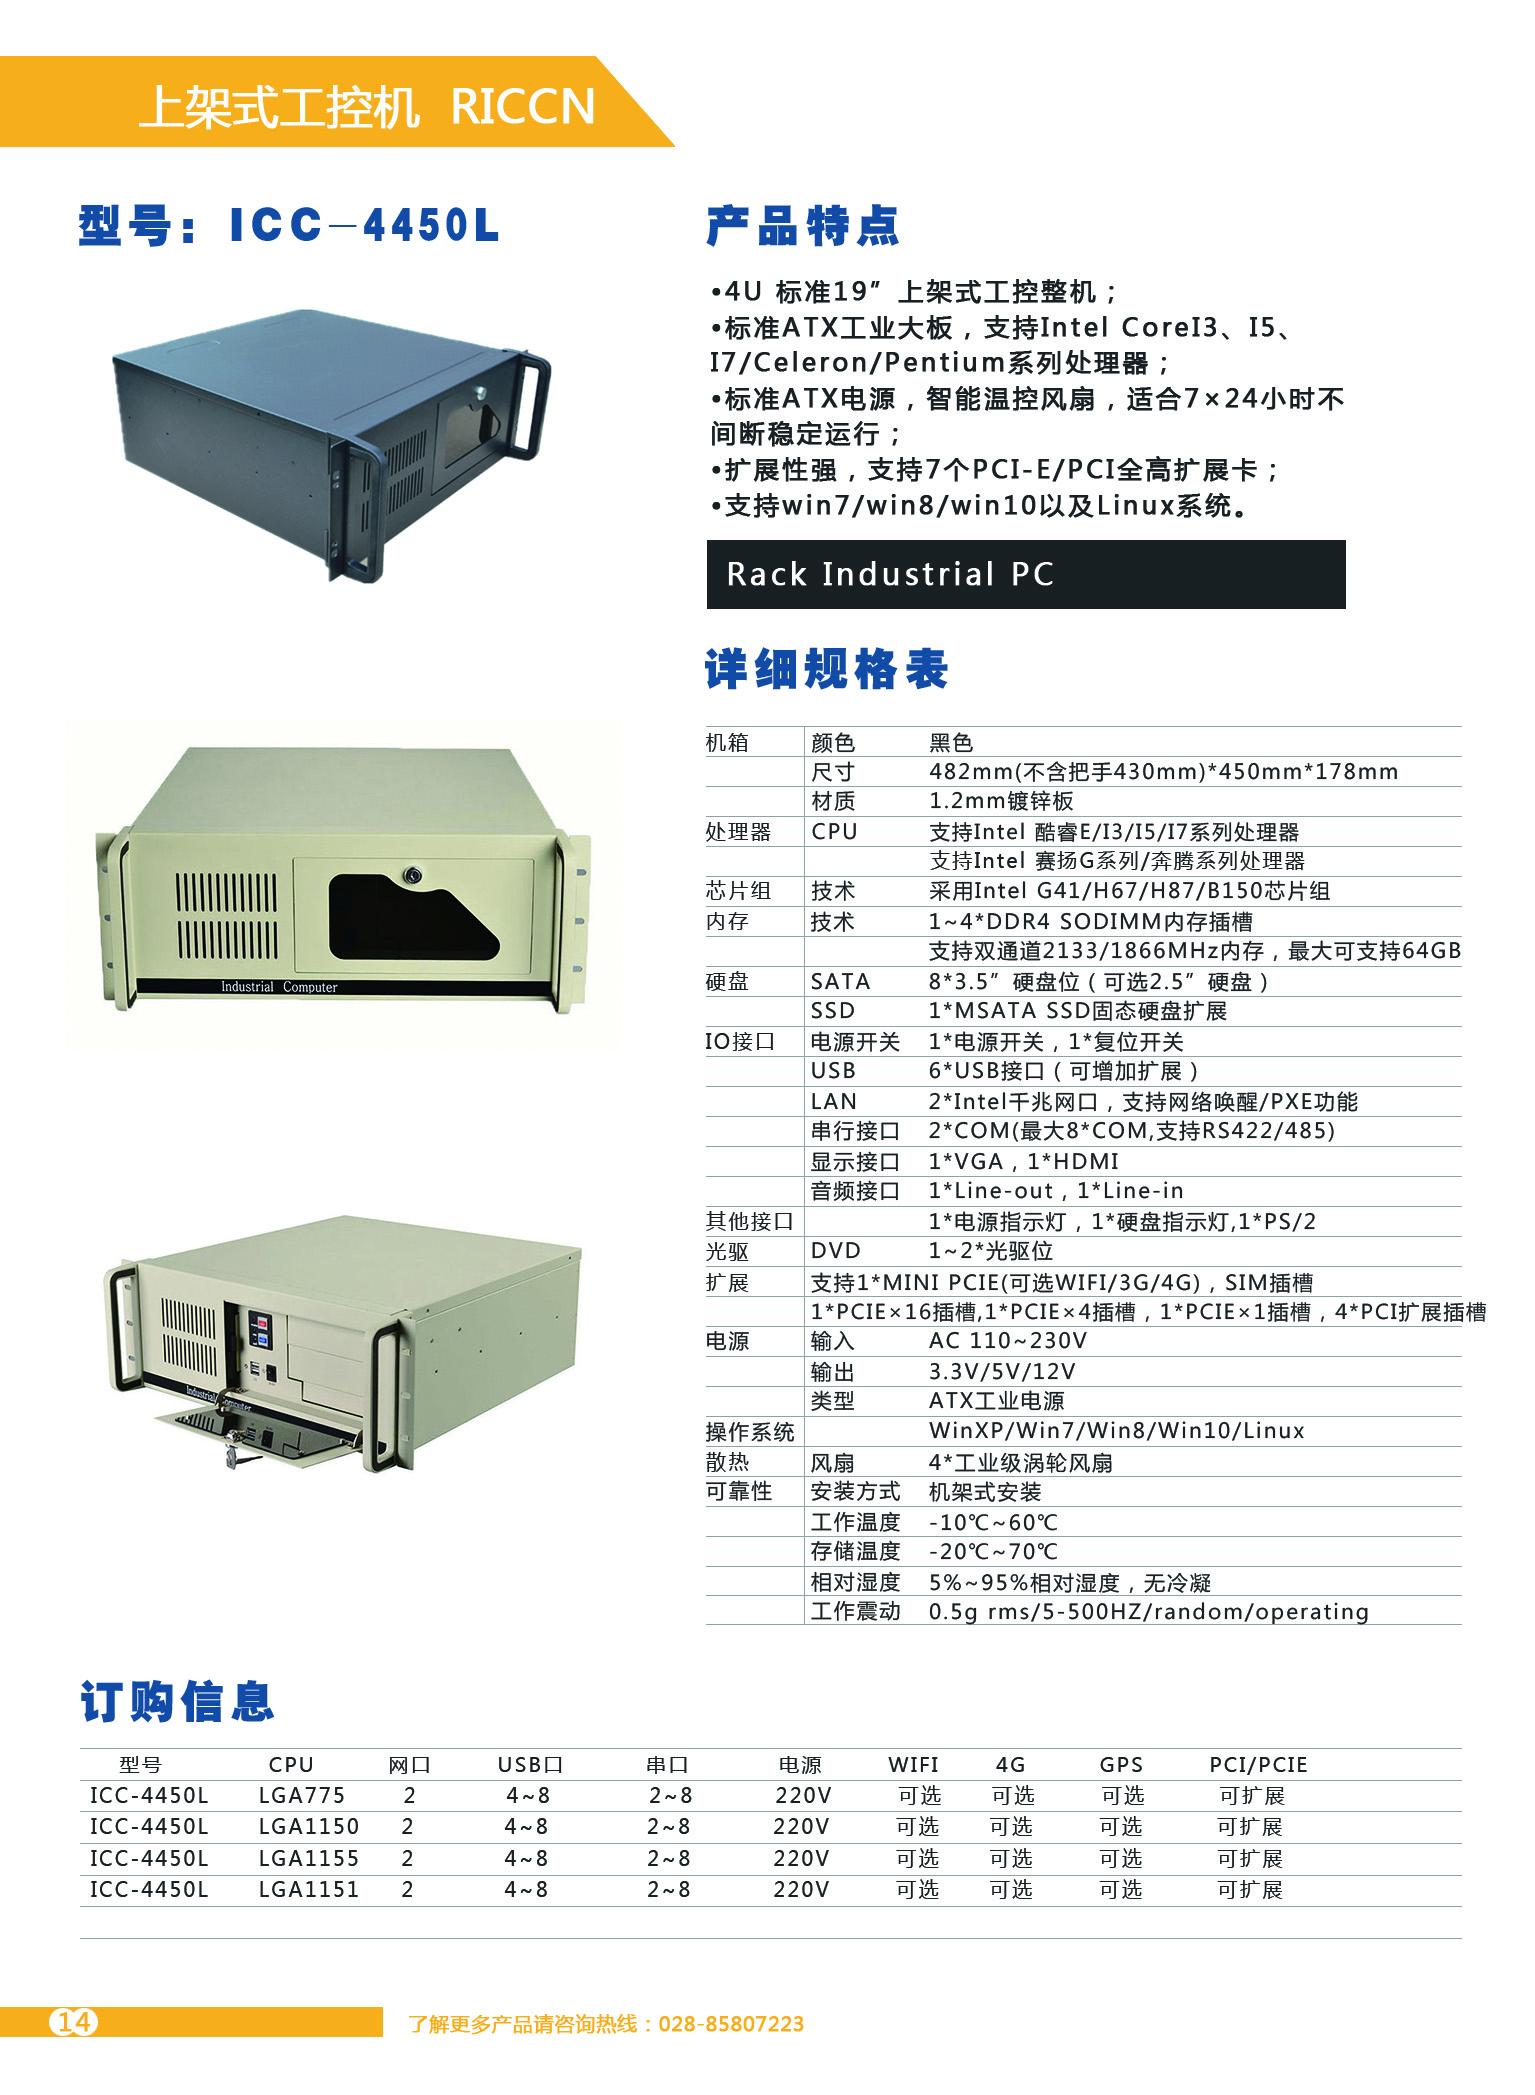 ICC-4450L